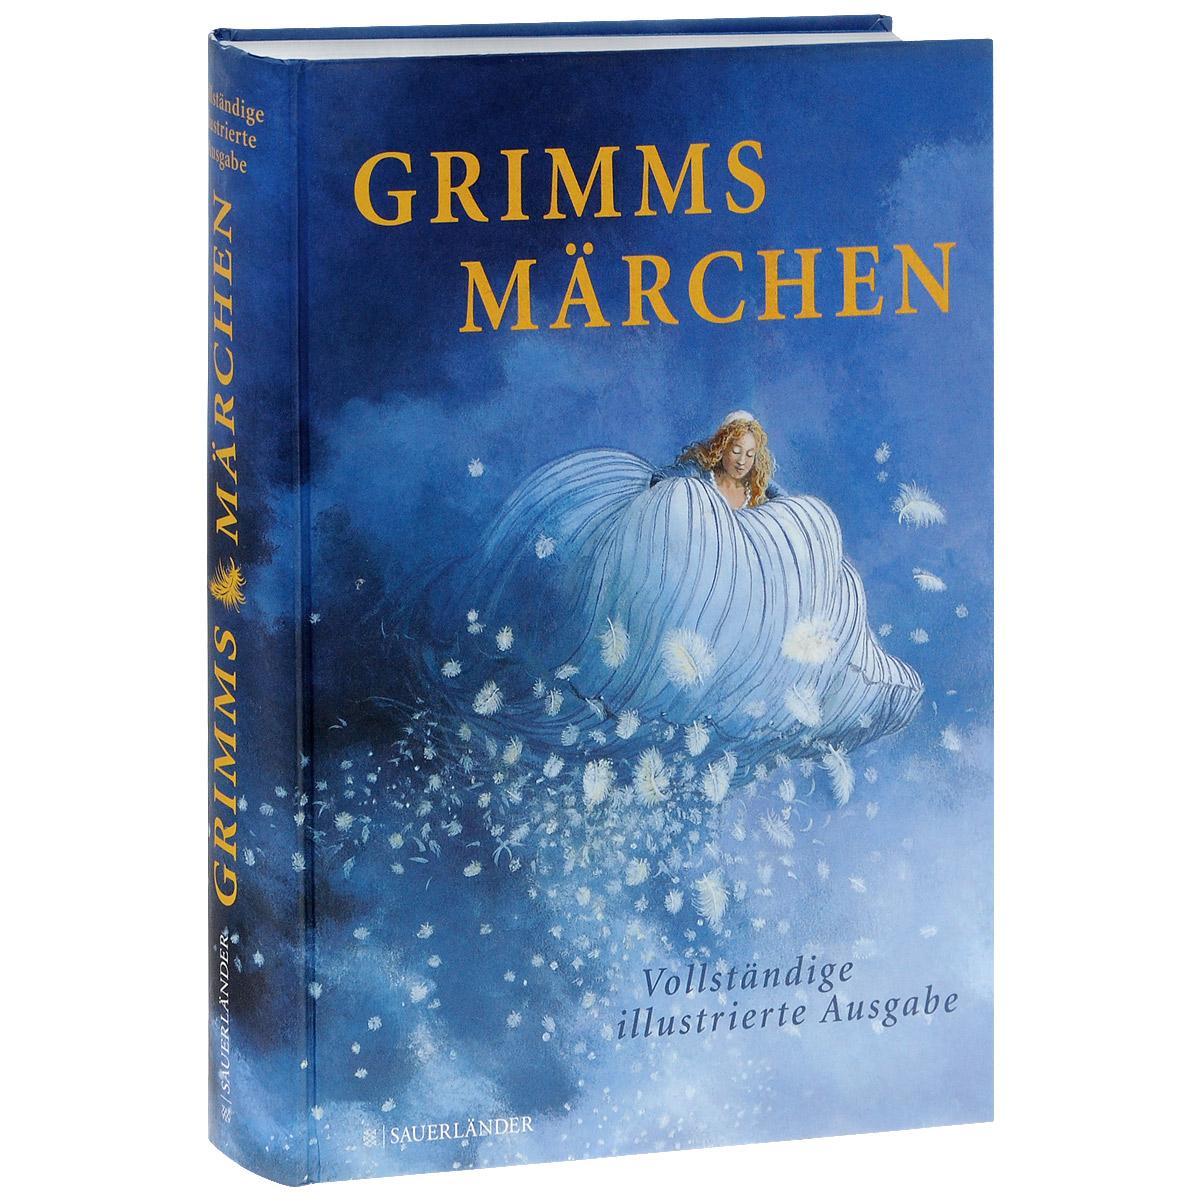 Grimms Marchen гапонова и носова е немецкие сказки тексты и упражнения deutsche marchen ein text und ubungsbuch